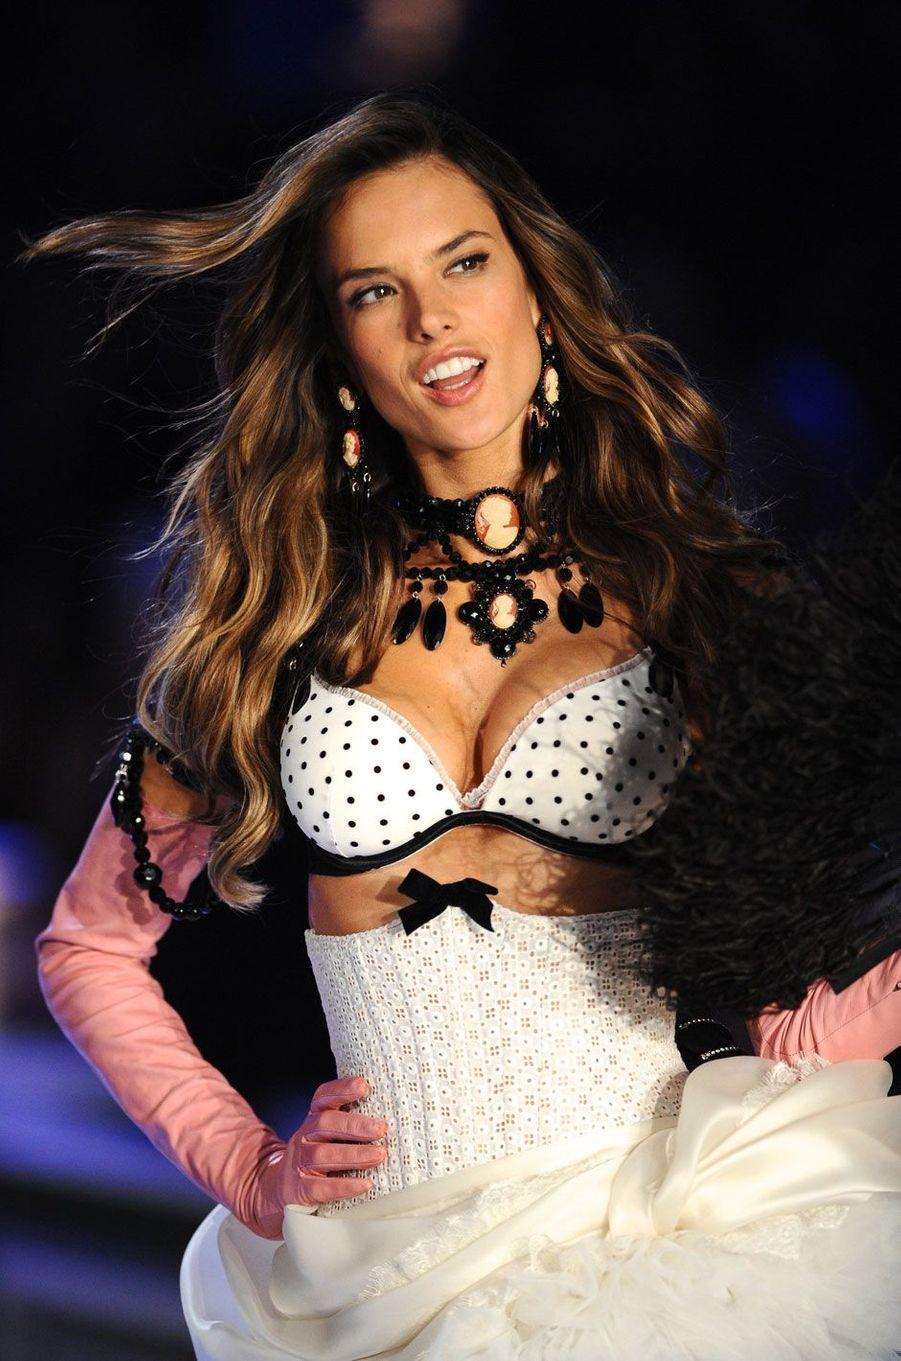 Alessandra Ambrosio était enceinte alors qu'elle défilait pour le show Victoria's Secret en 2011